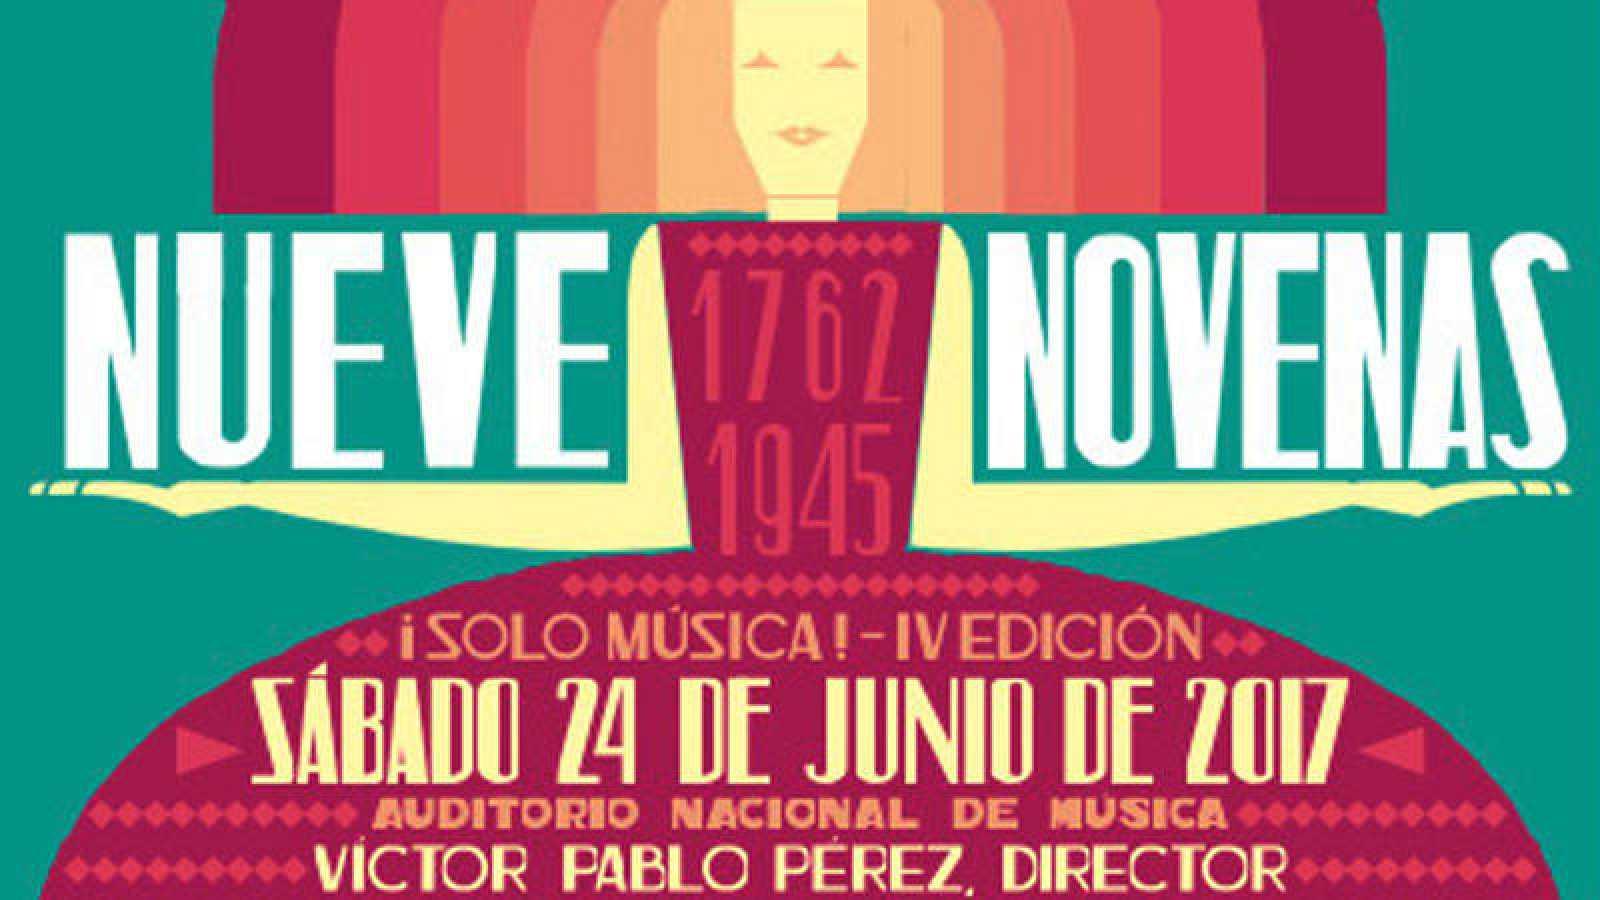 """Cartel anunciador del evento """"¡Solo música! - Nueve novenas"""""""